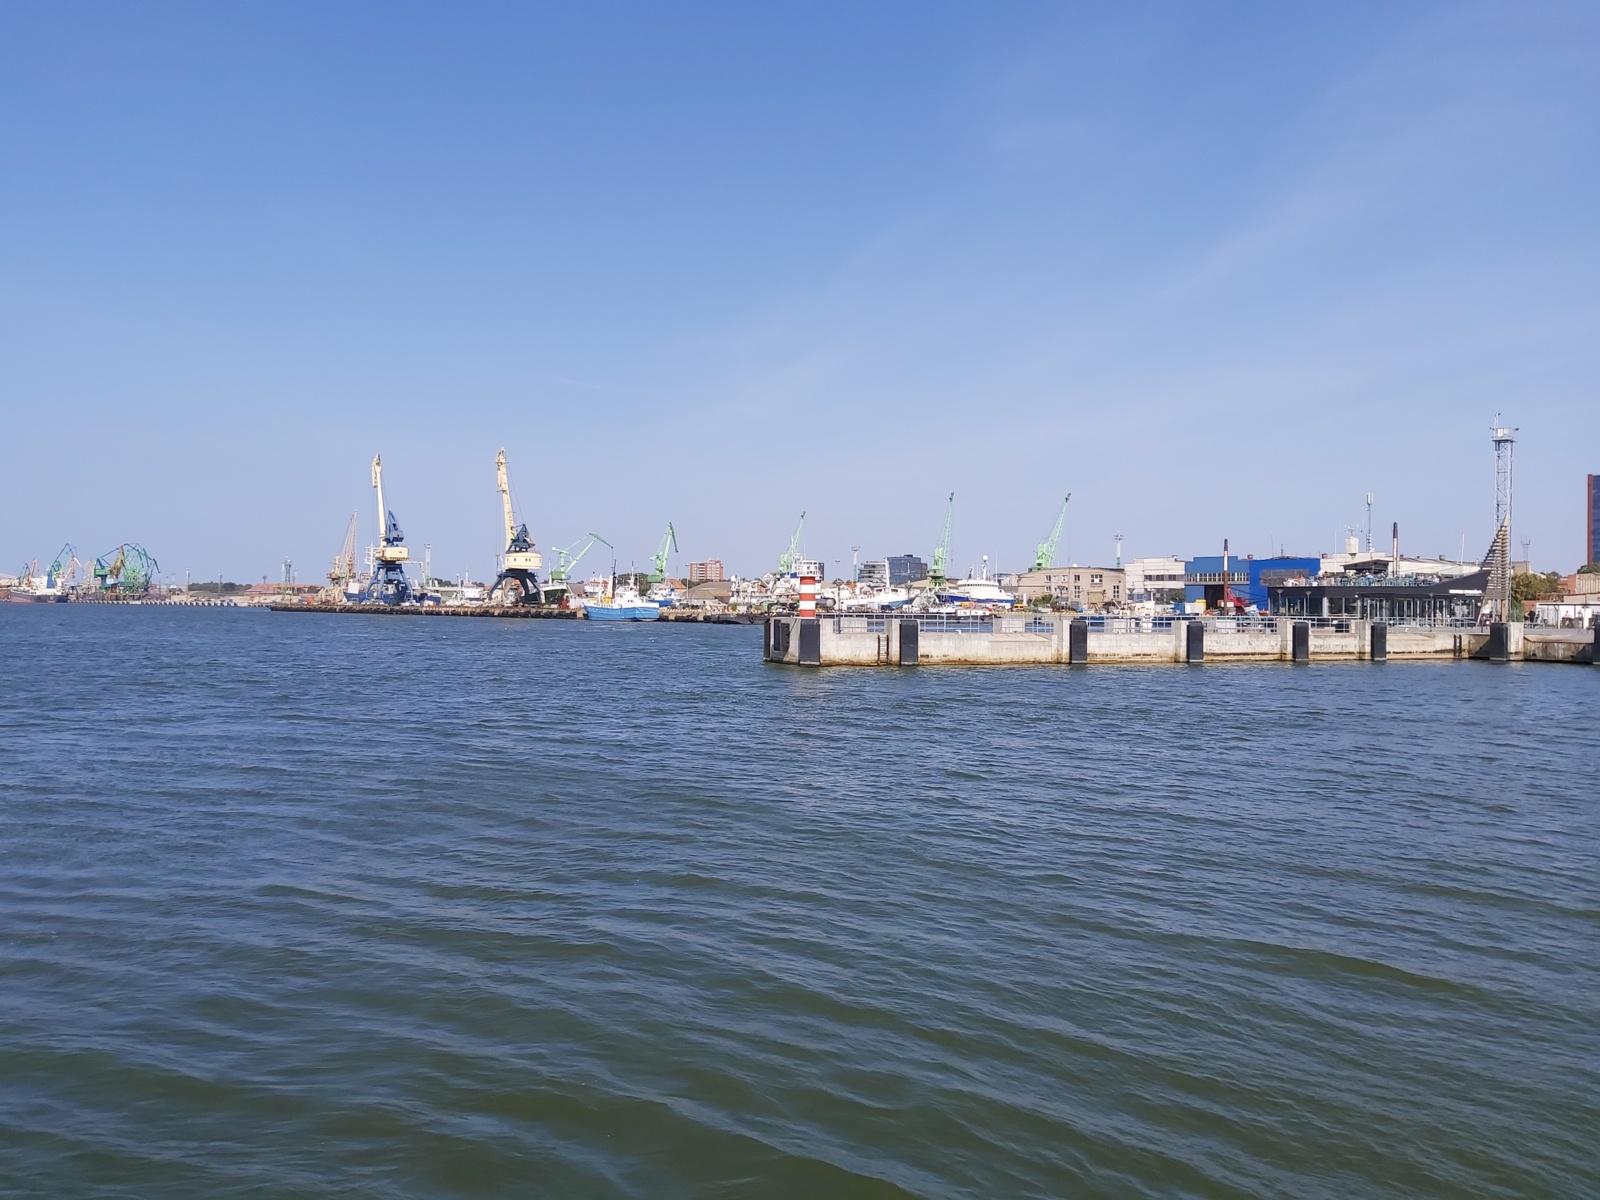 Galutinis teismo sprendimas: buvęs Klaipėdos uosto vadovas pažeidė etiką